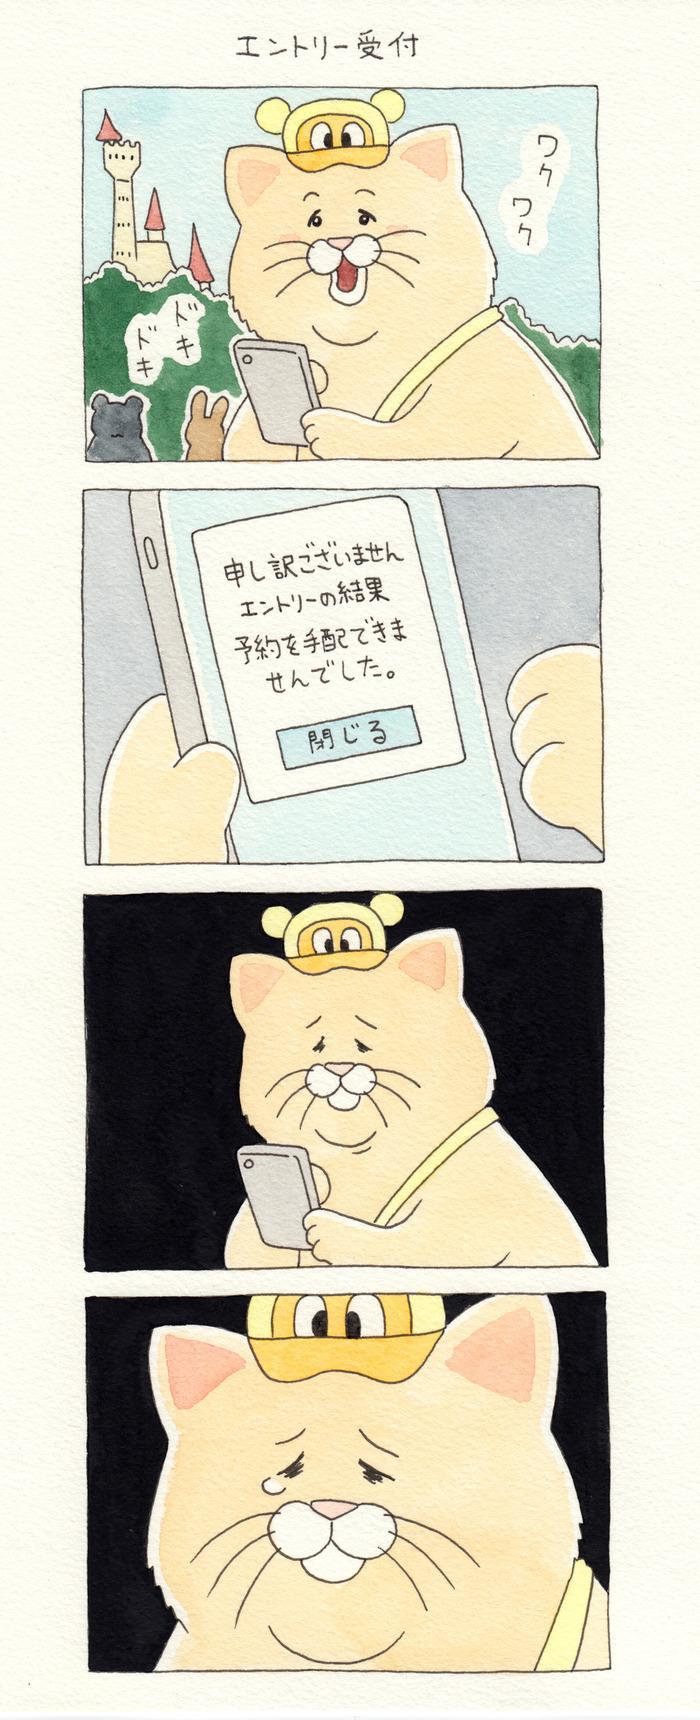 ネコノヒー エントリー受付_0002